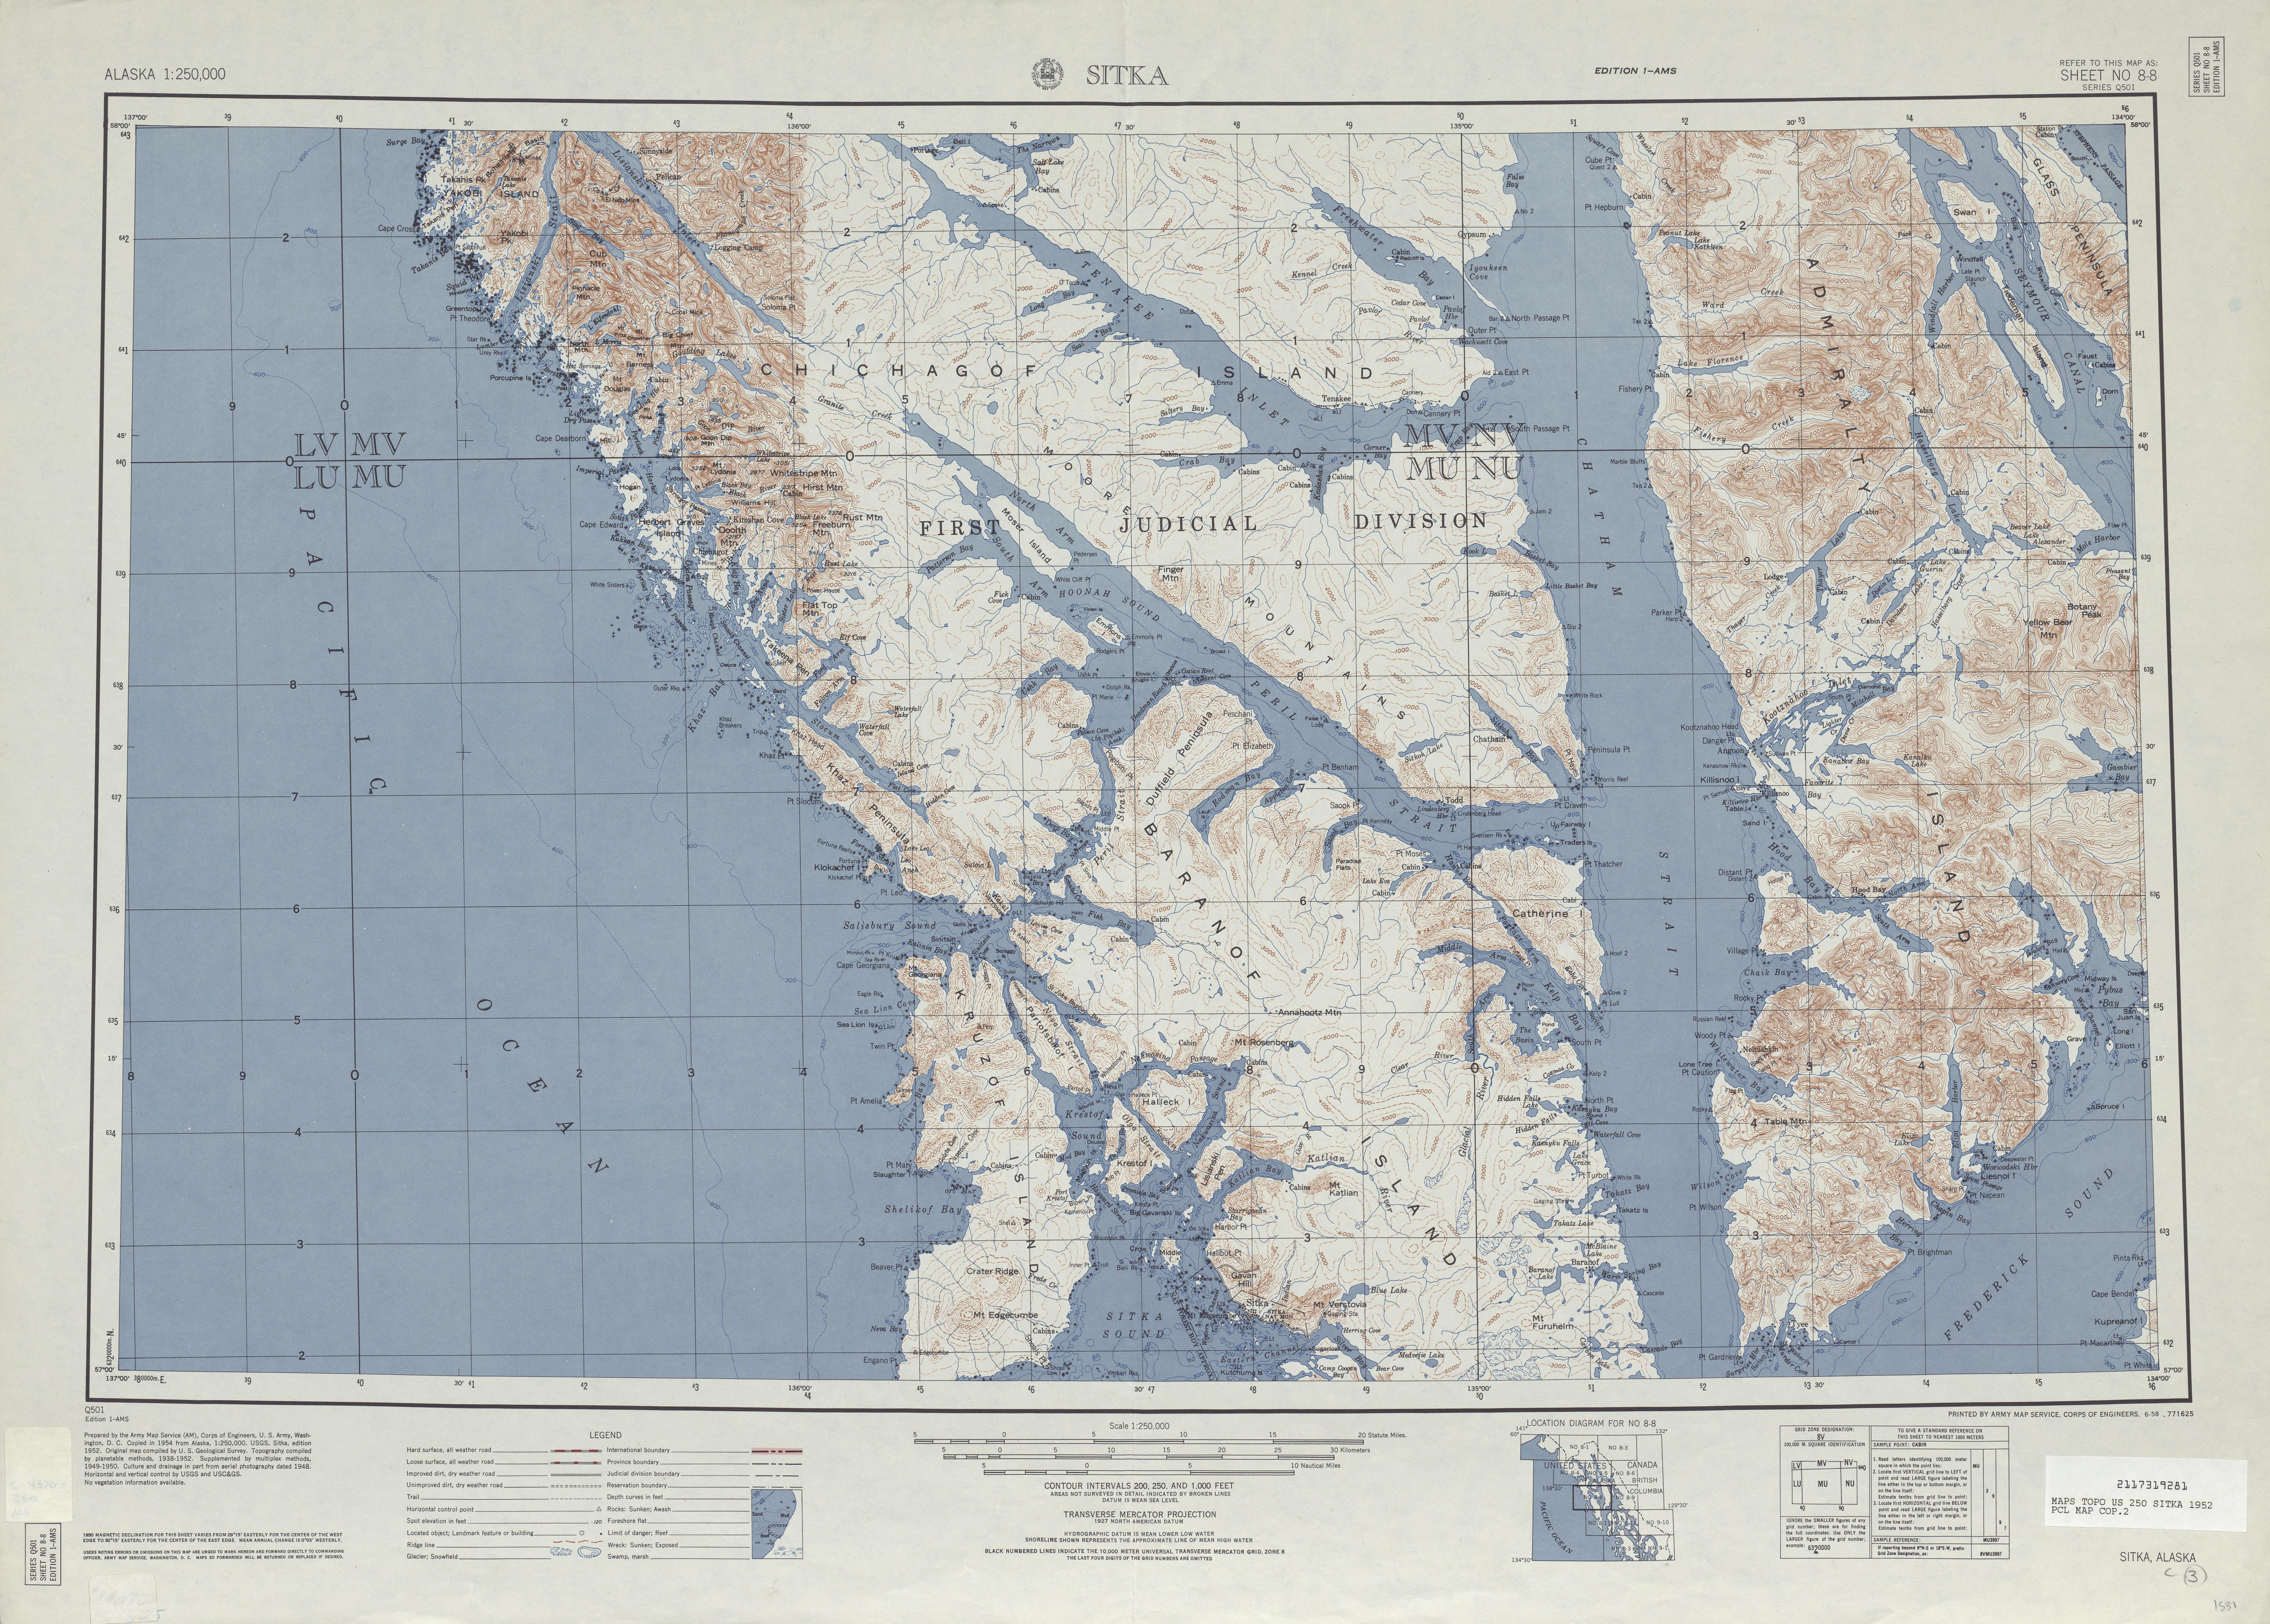 Hoja Sitka del Mapa Topográfico de los Estados Unidos 1952